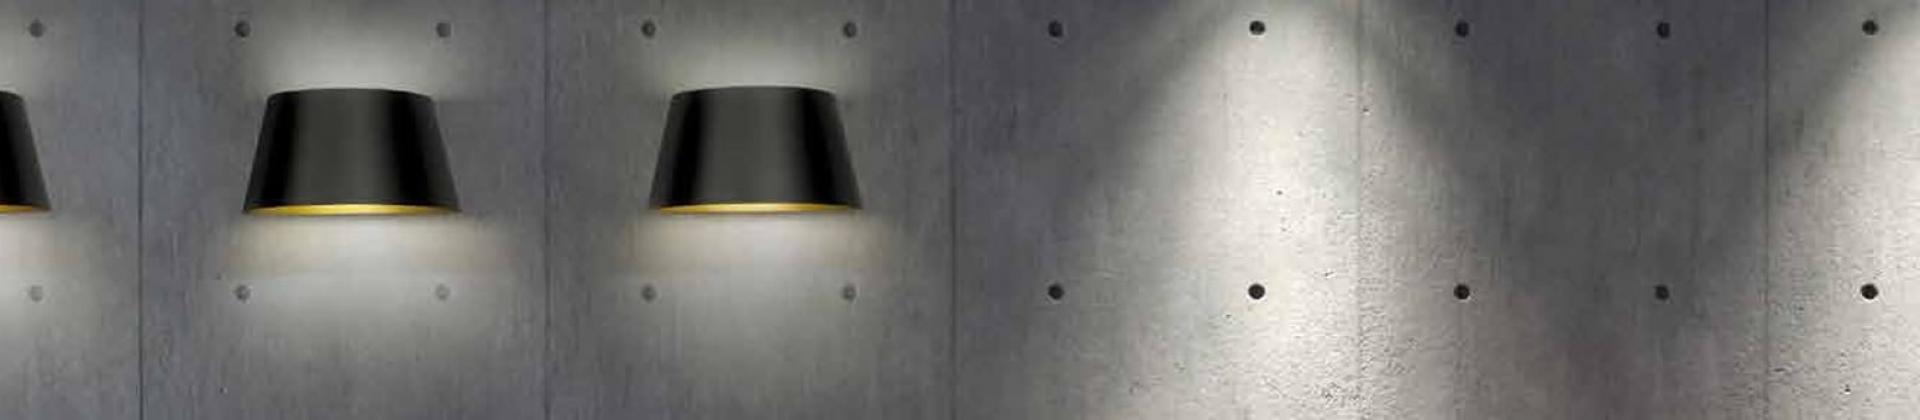 Almalight - Lámparas de diseño